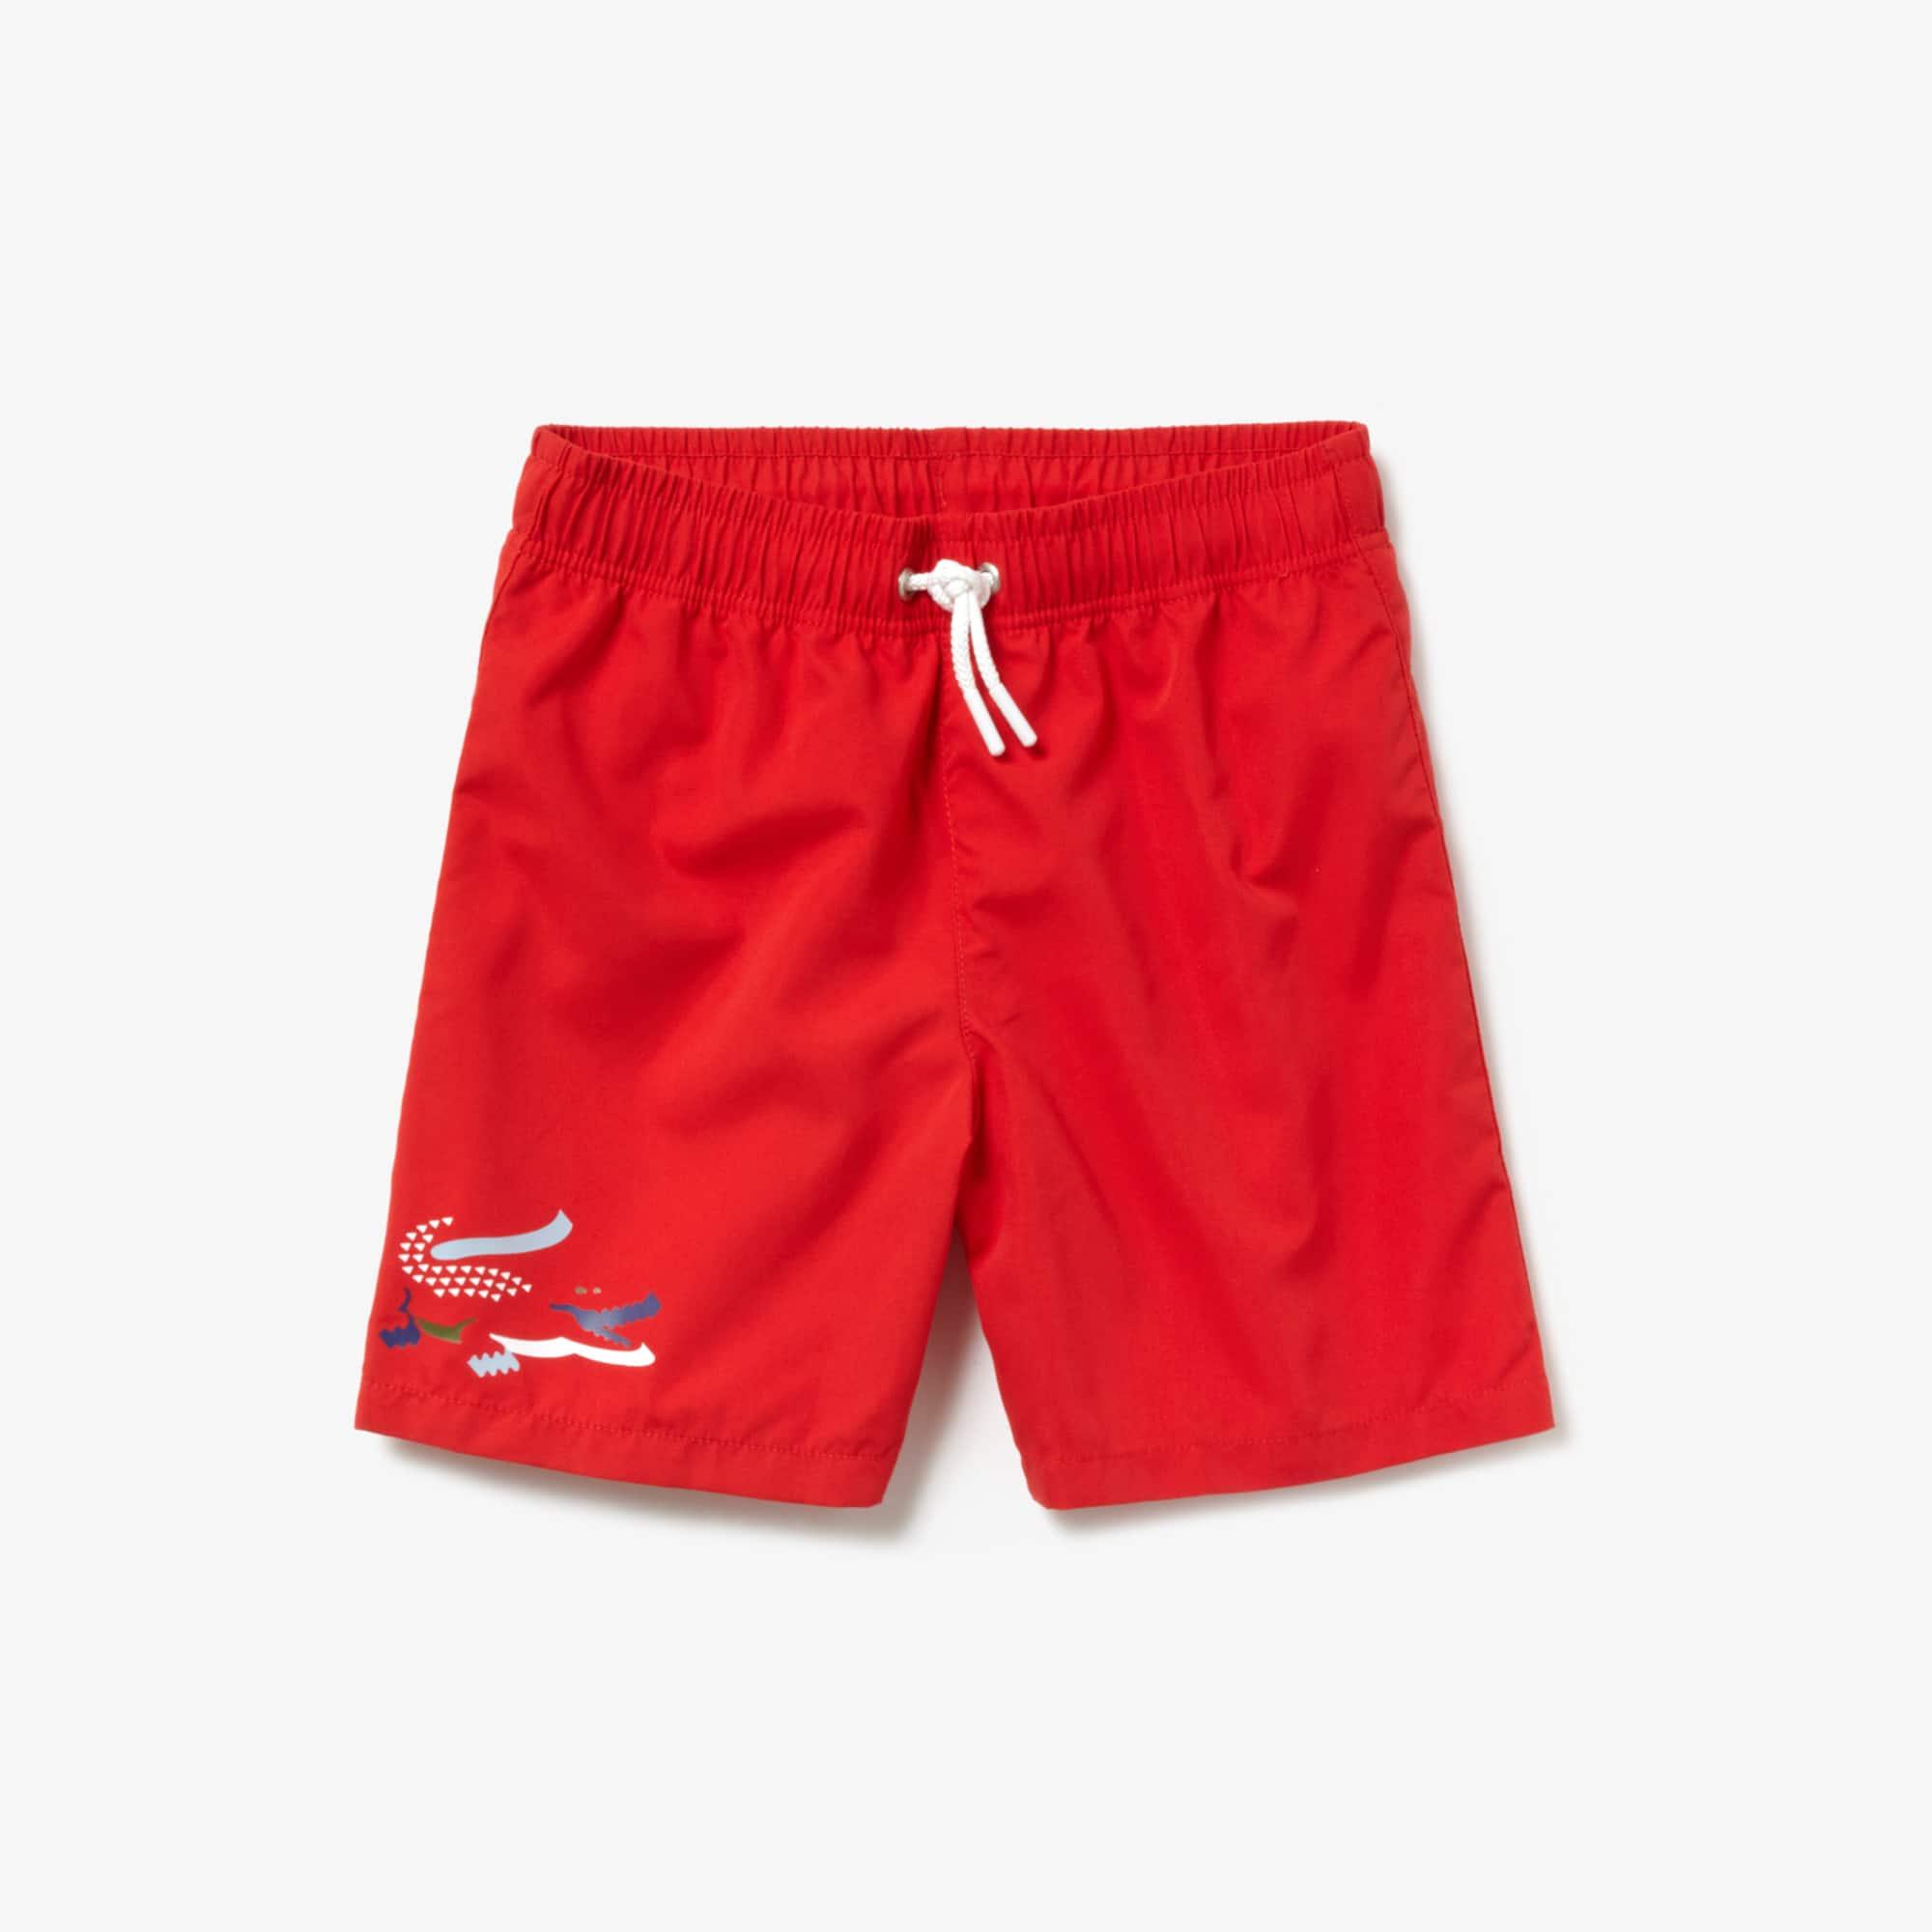 1b598d2122 Boy's Swimwear | Kids Fashion | LACOSTE